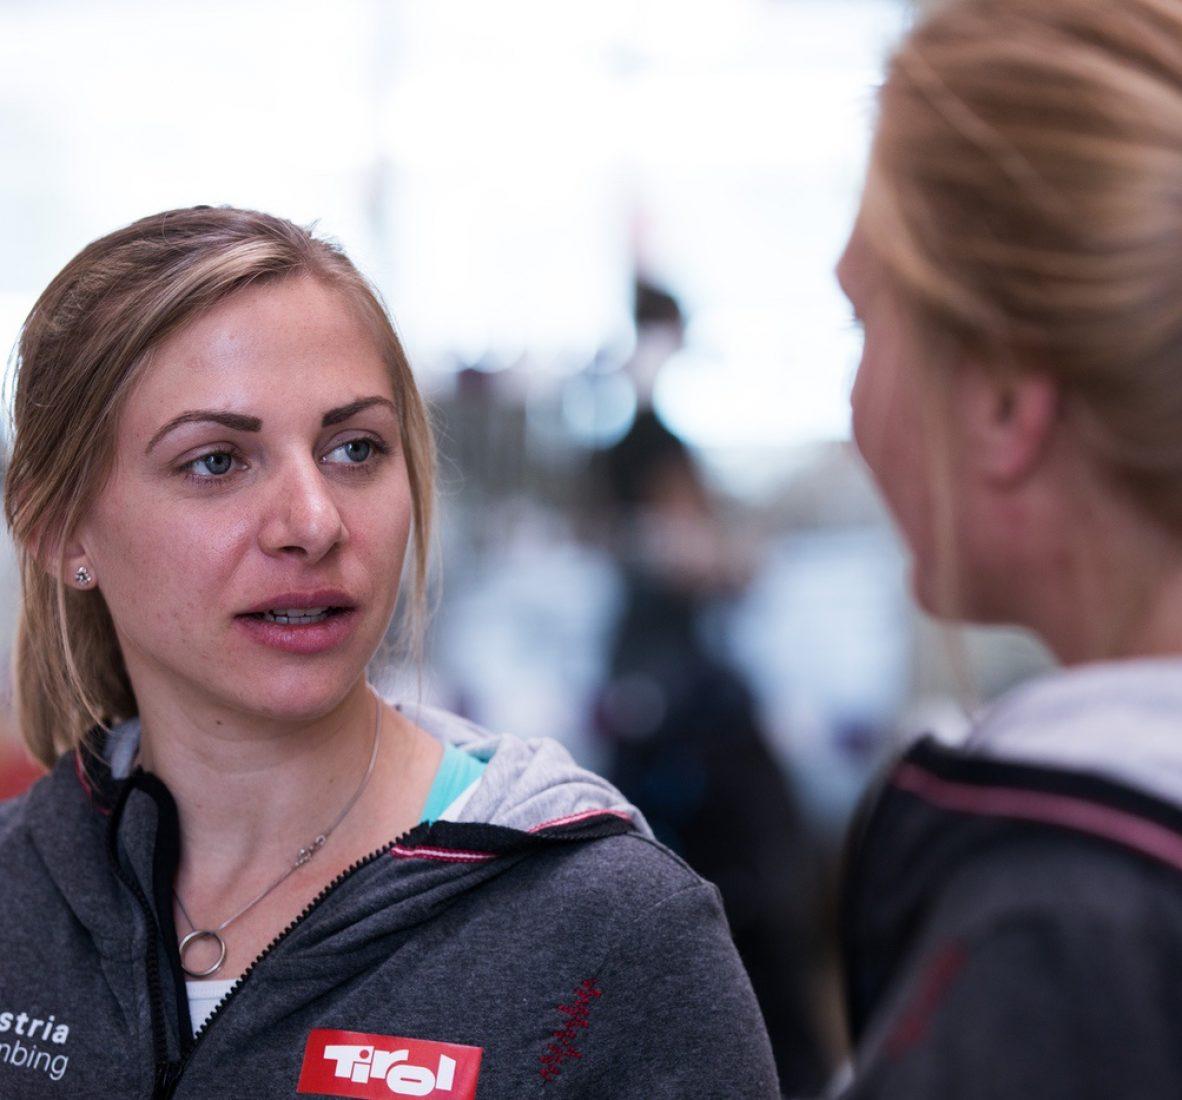 Katharina Saurwein ist Sportkletterin, engagiert sich seit 2015 im KVÖ (Kletterverband Österreich) für den Aufbau des Paraclimbing und ist Trainerin des österreichischen Nationalteams.